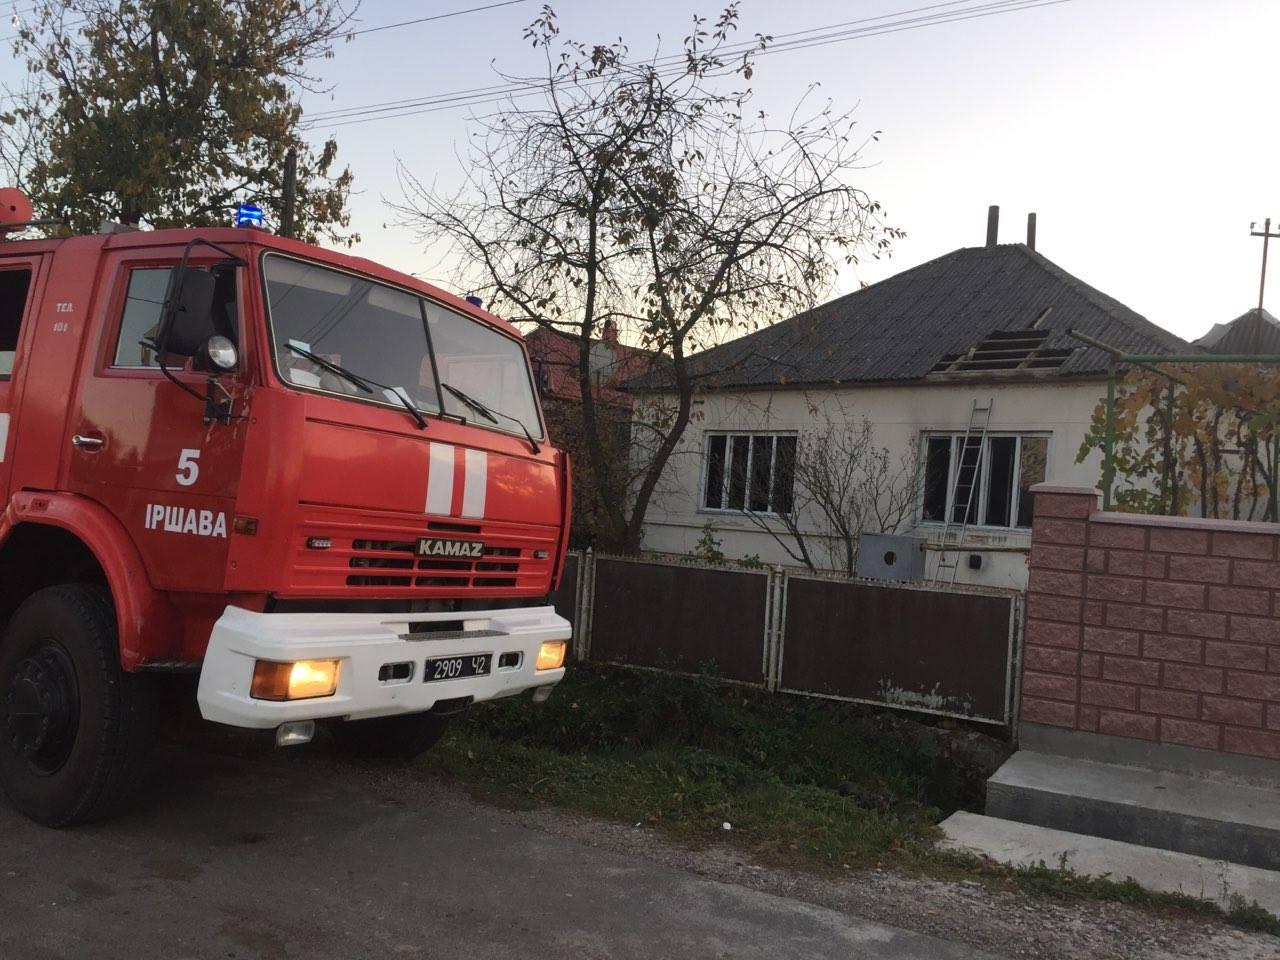 Майже дві години закарпатські рятувальники гасили пожежу, яка спалахнула у будинку в селі Хмільник, що на Іршавщині